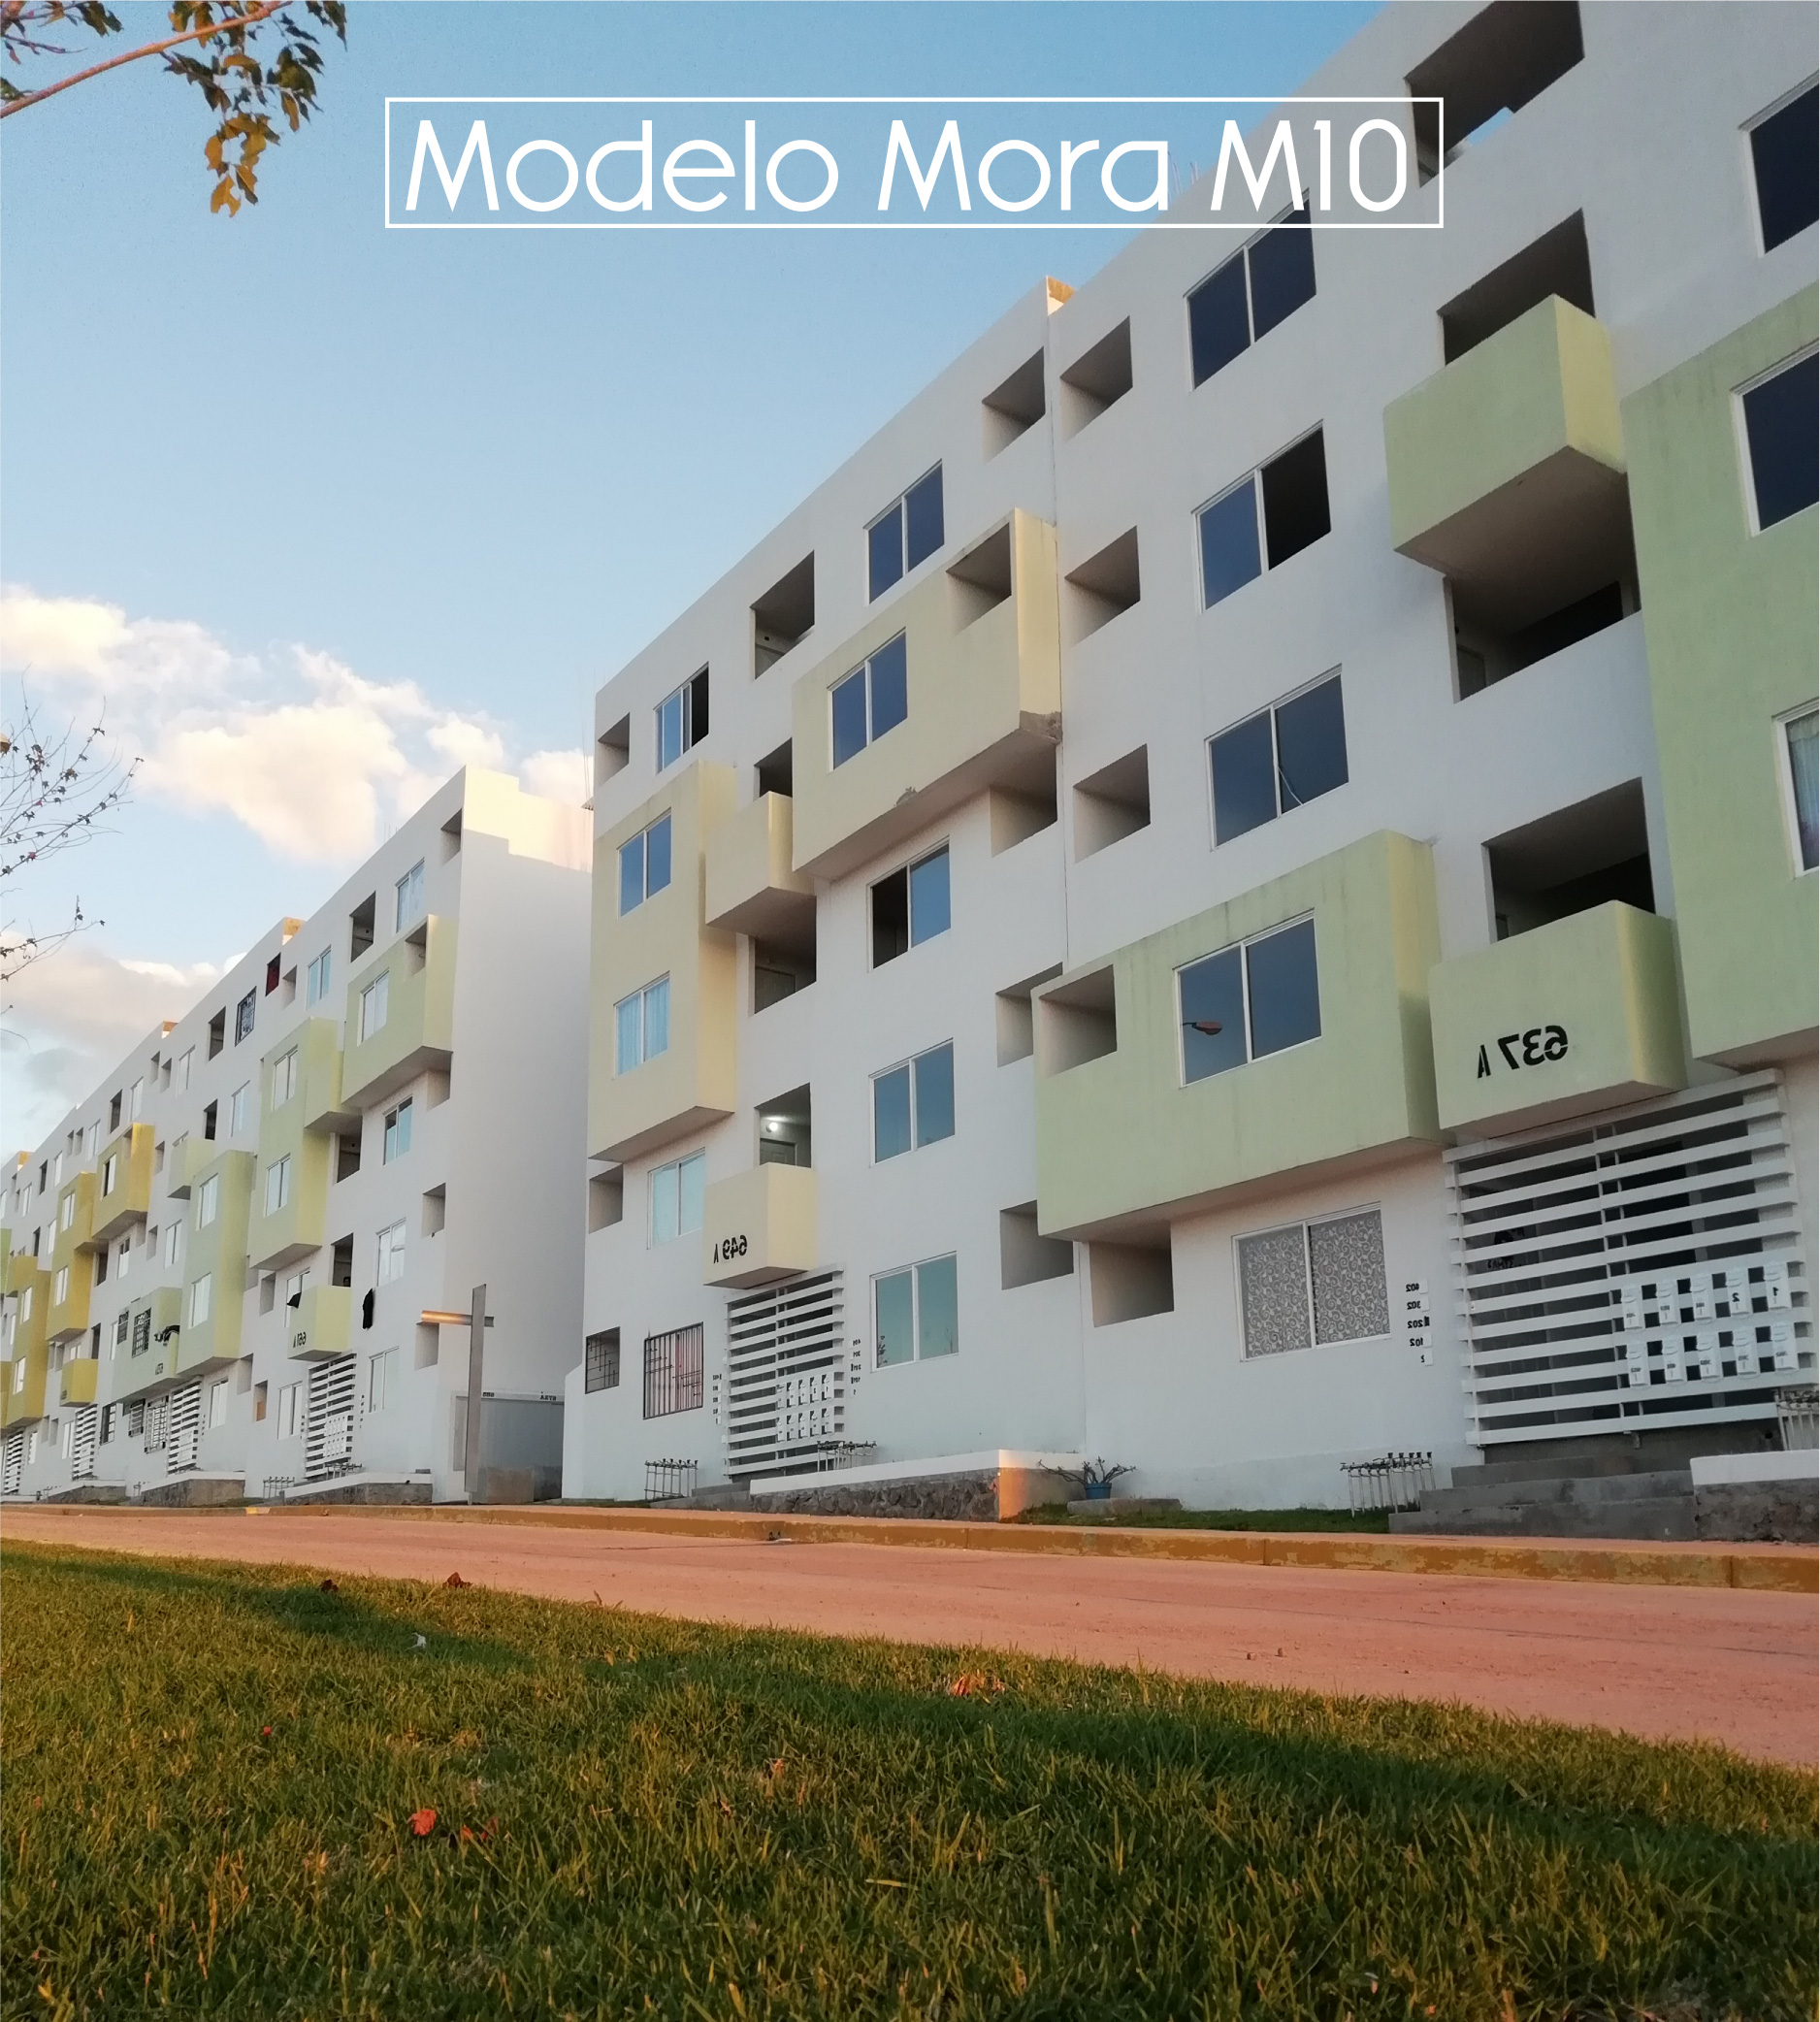 Modelo Mora- VILLAS ORIENTE-HOGARES HERSO